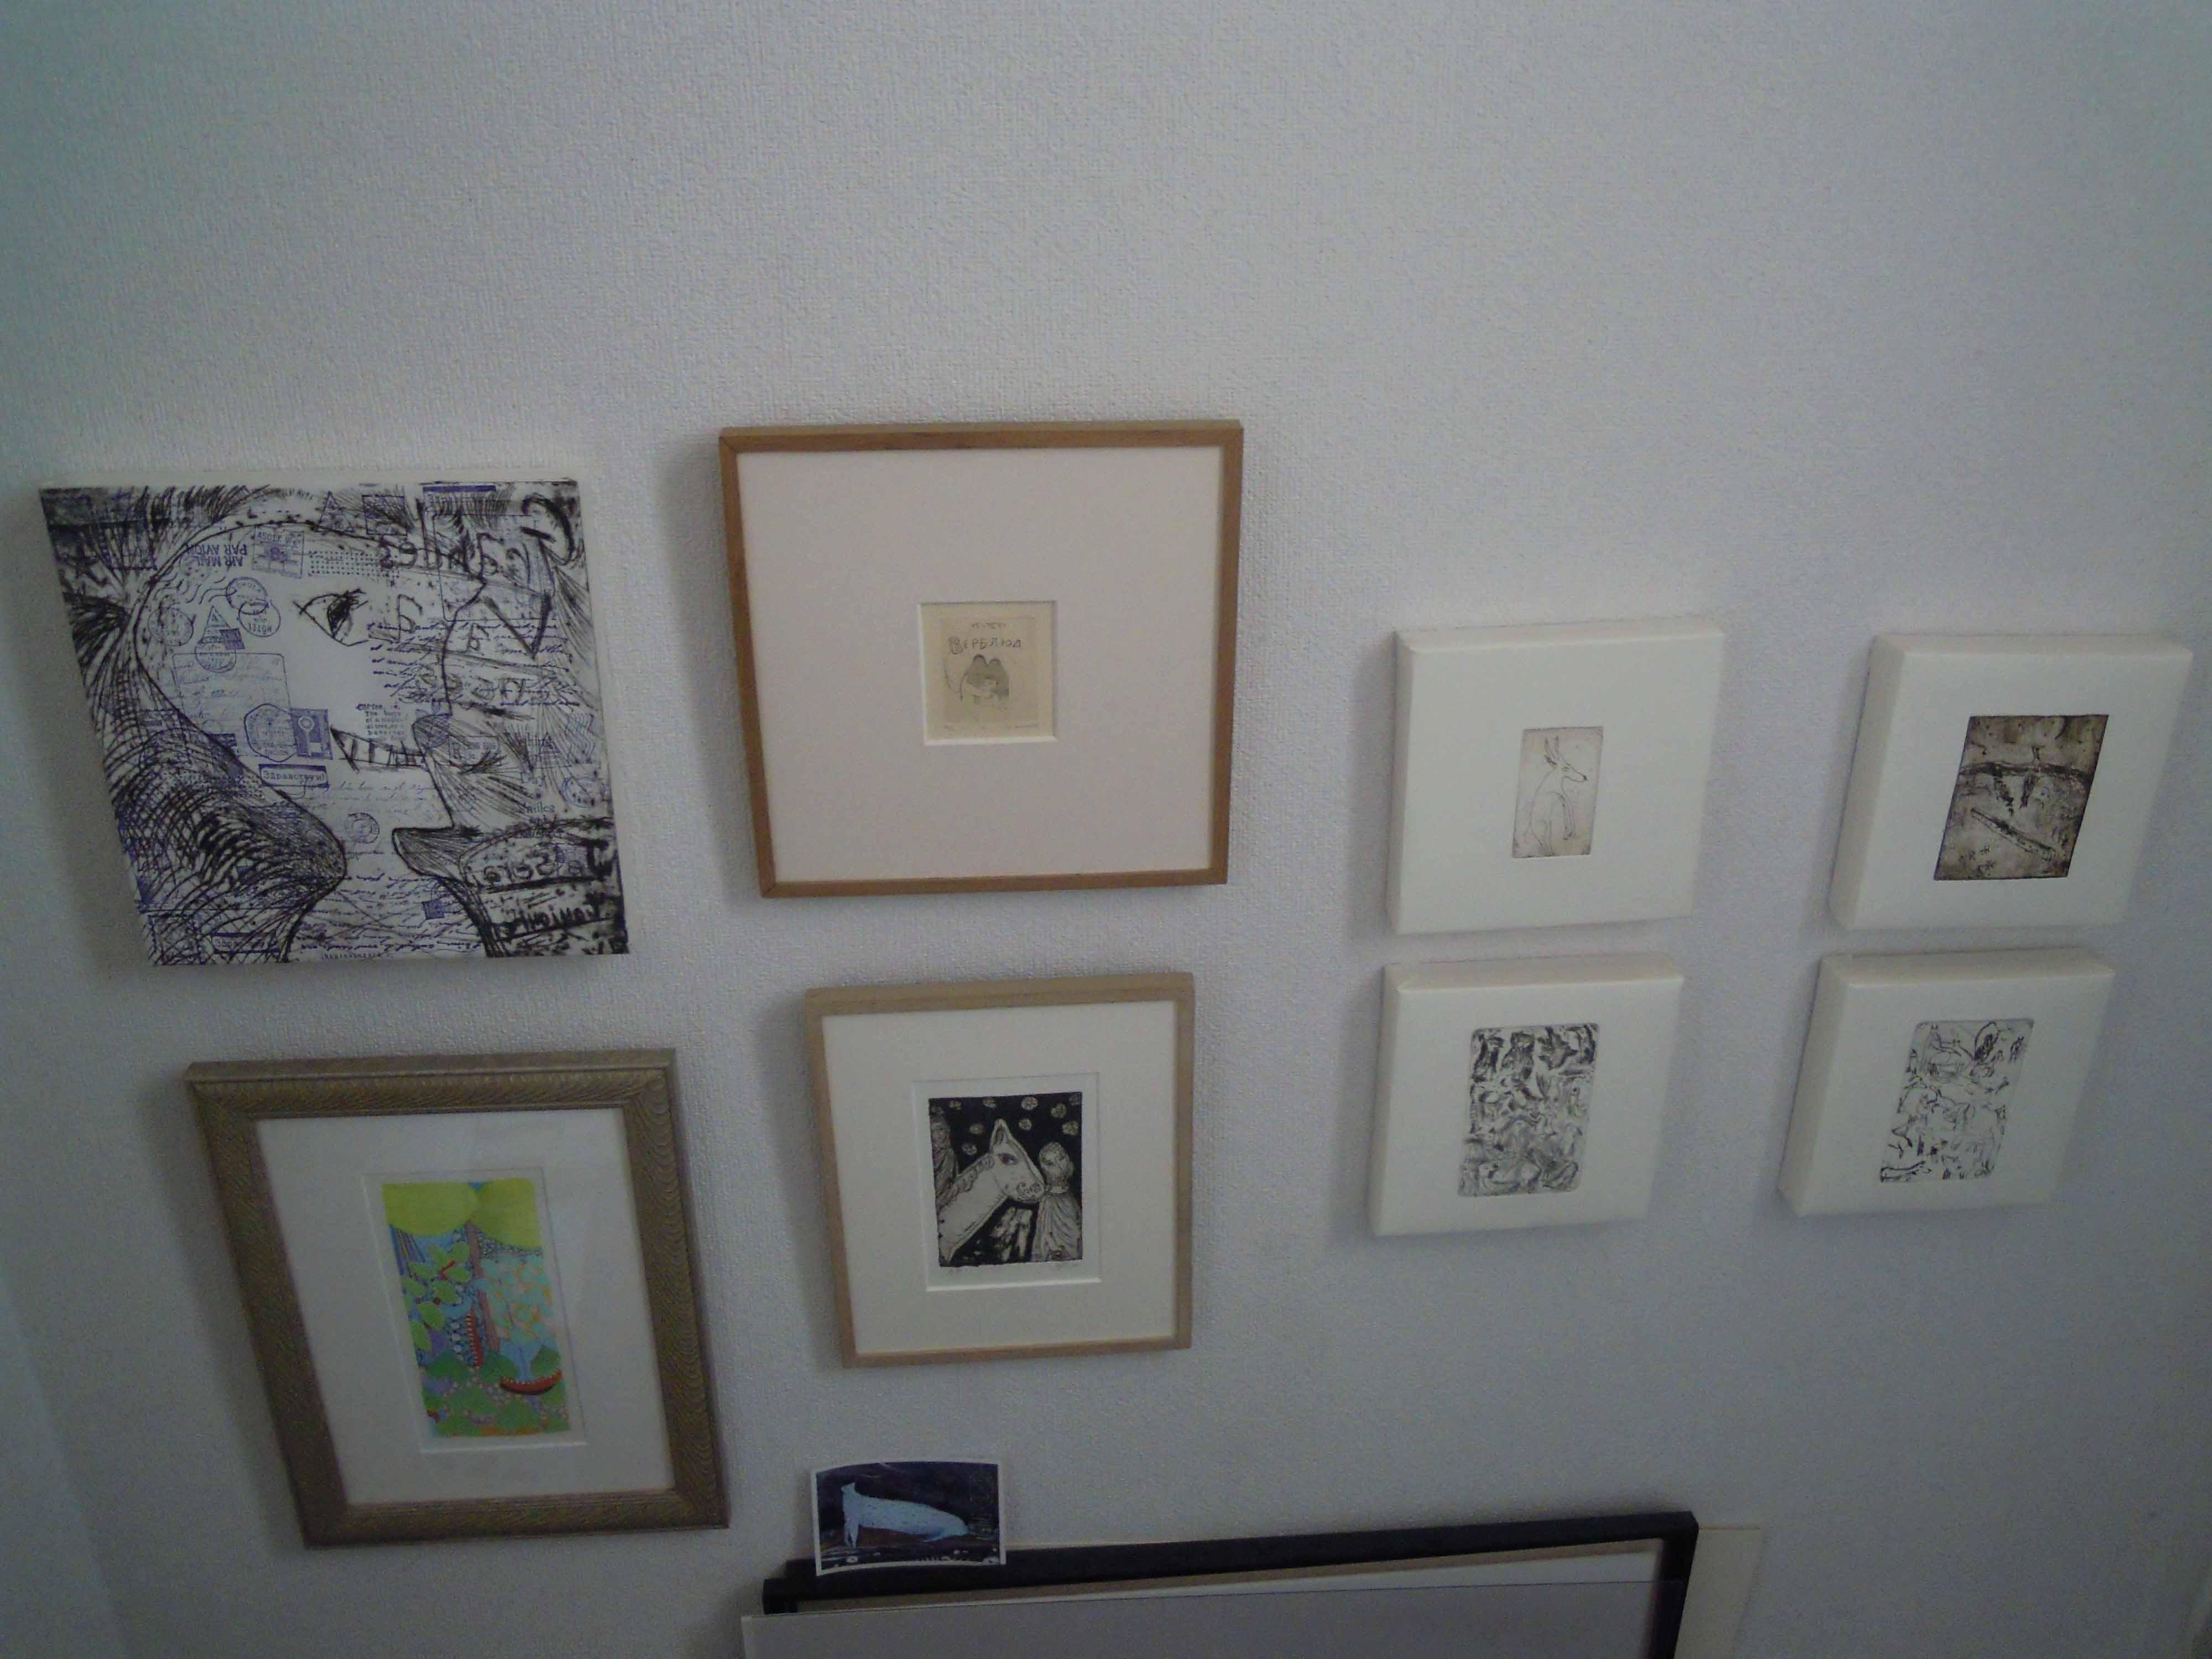 展覧会の作品の一部。_e0256436_648517.jpg